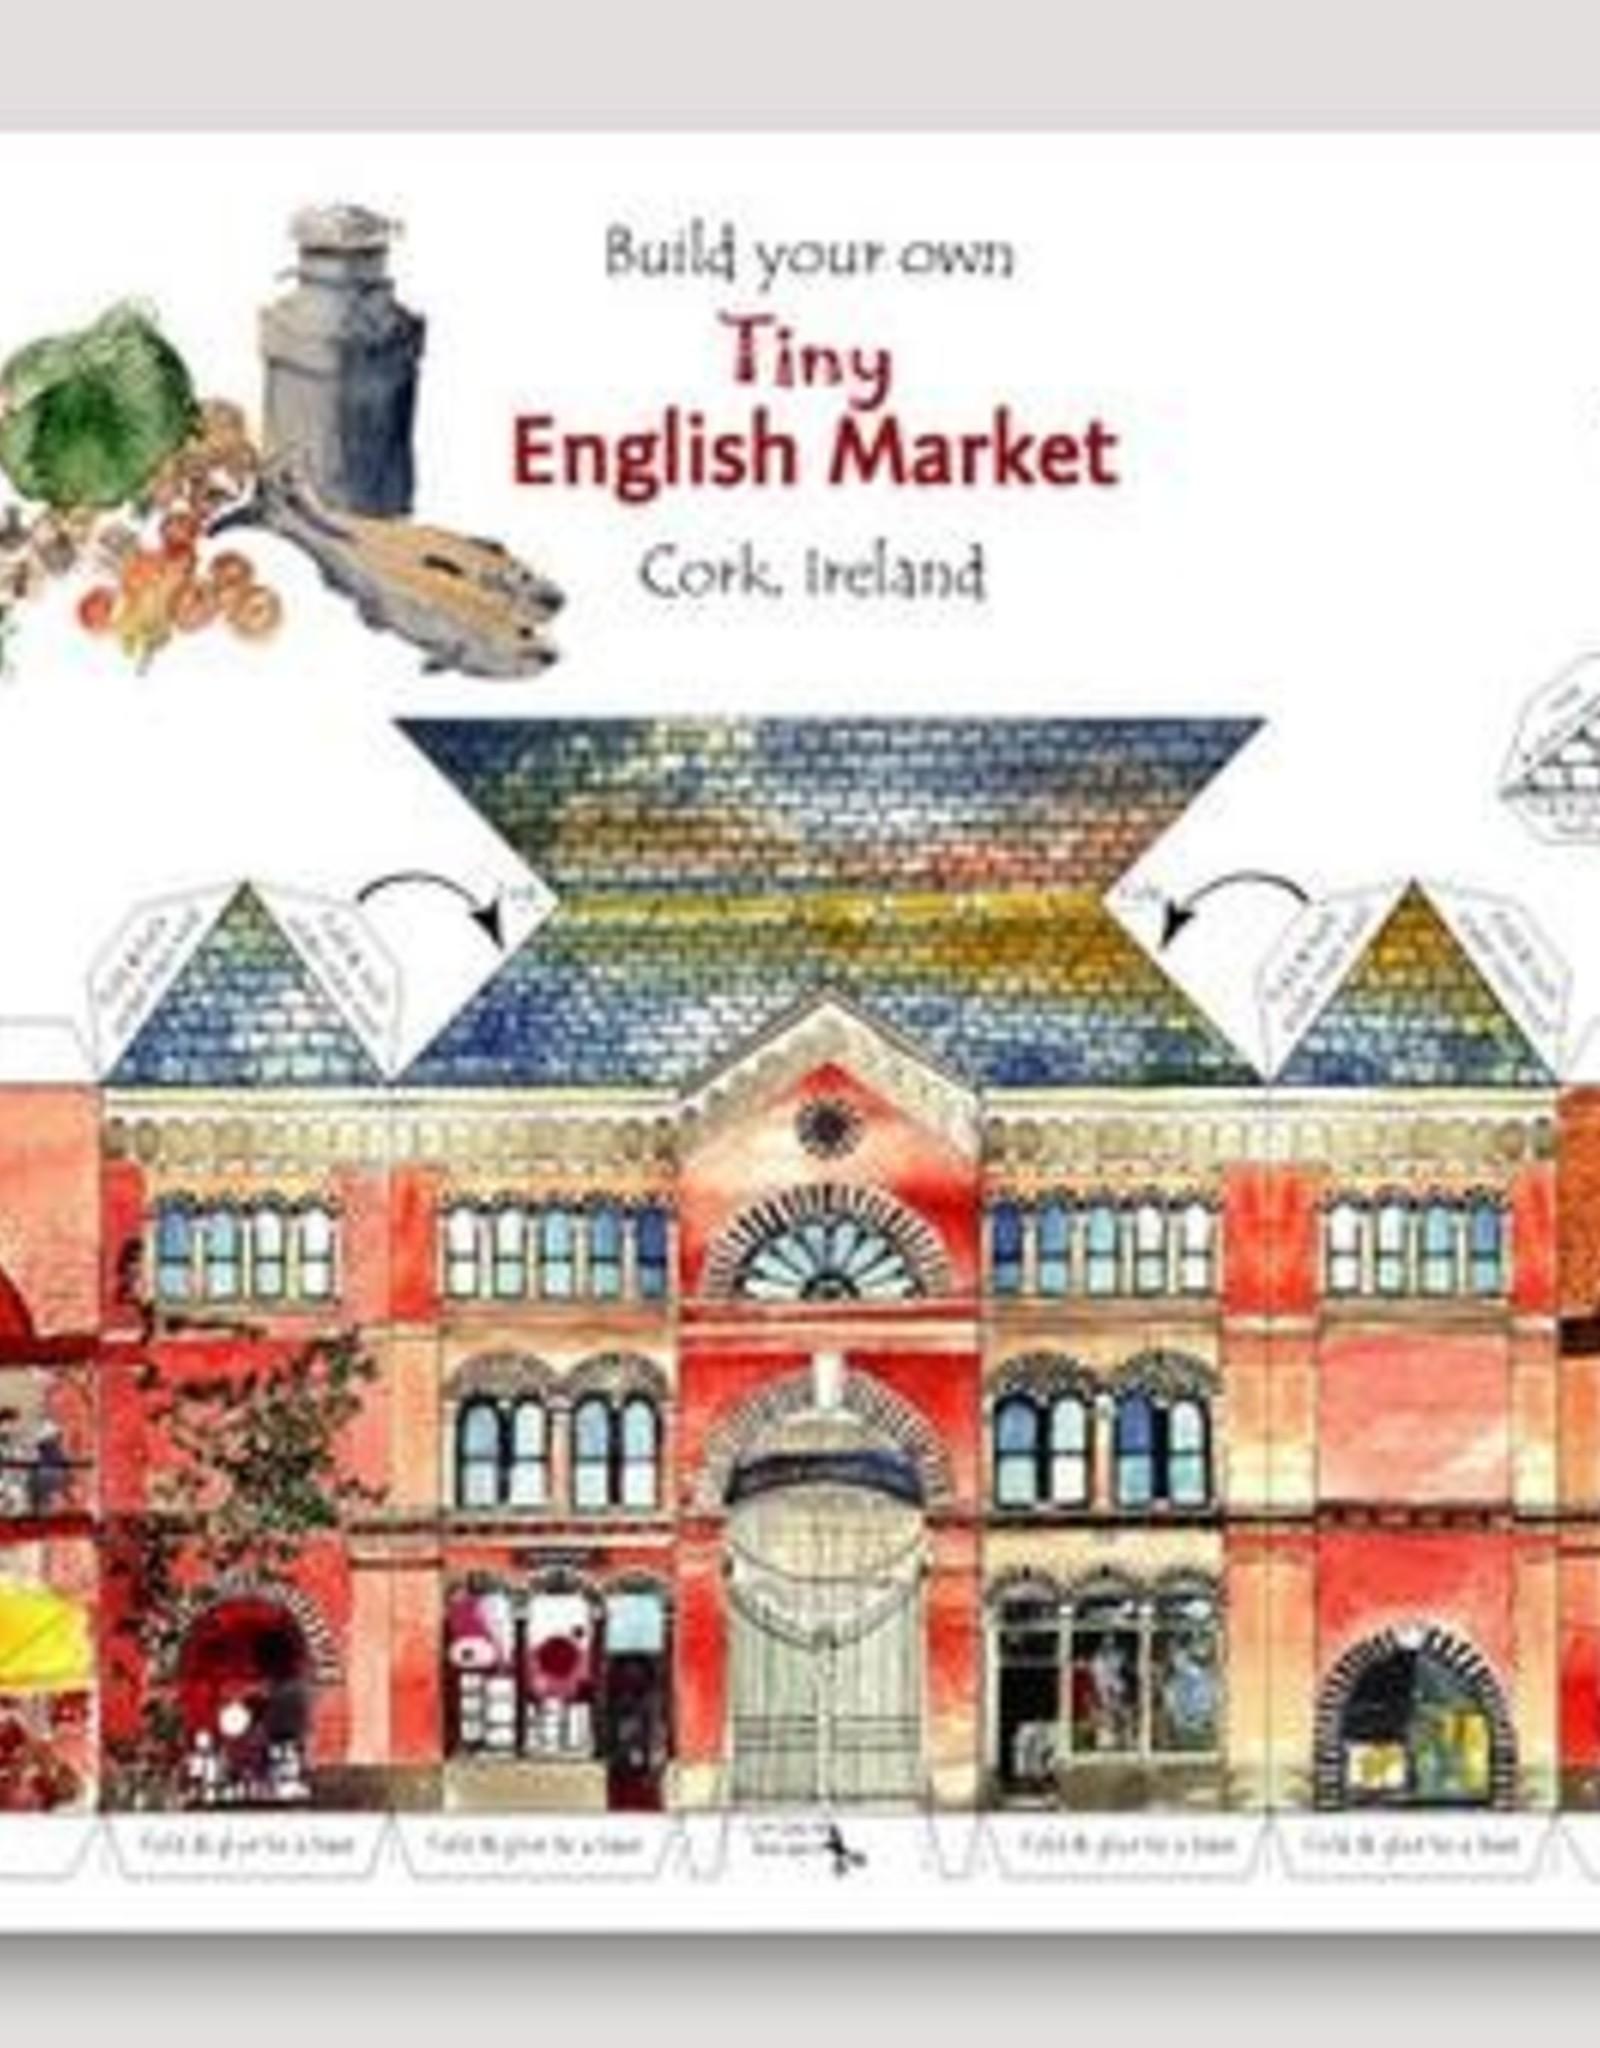 Tiny Ireland Tiny English Market